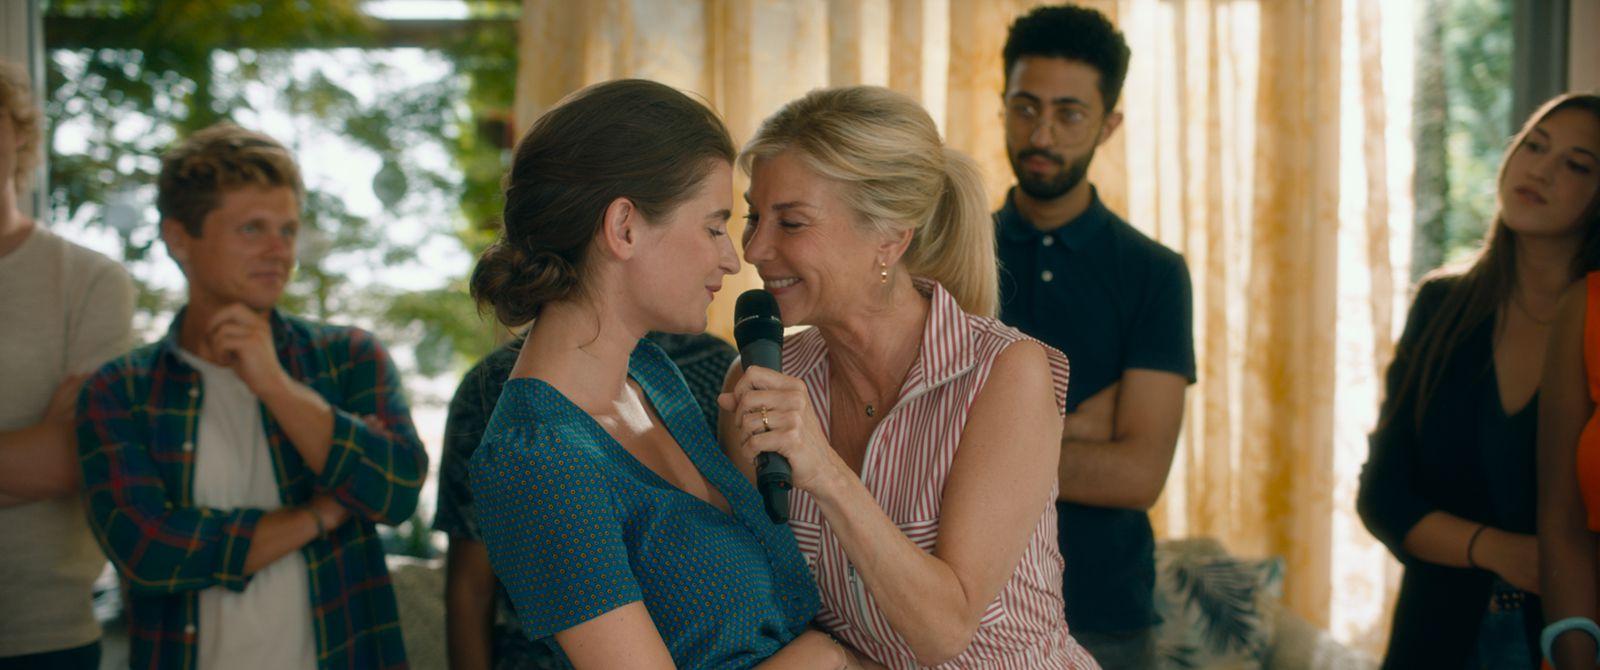 Chacun chez soi avec Michèle Laroque, Stéphane De Groodt, Alice de Lencquesaing - Le 24 mars 2021 au cinéma